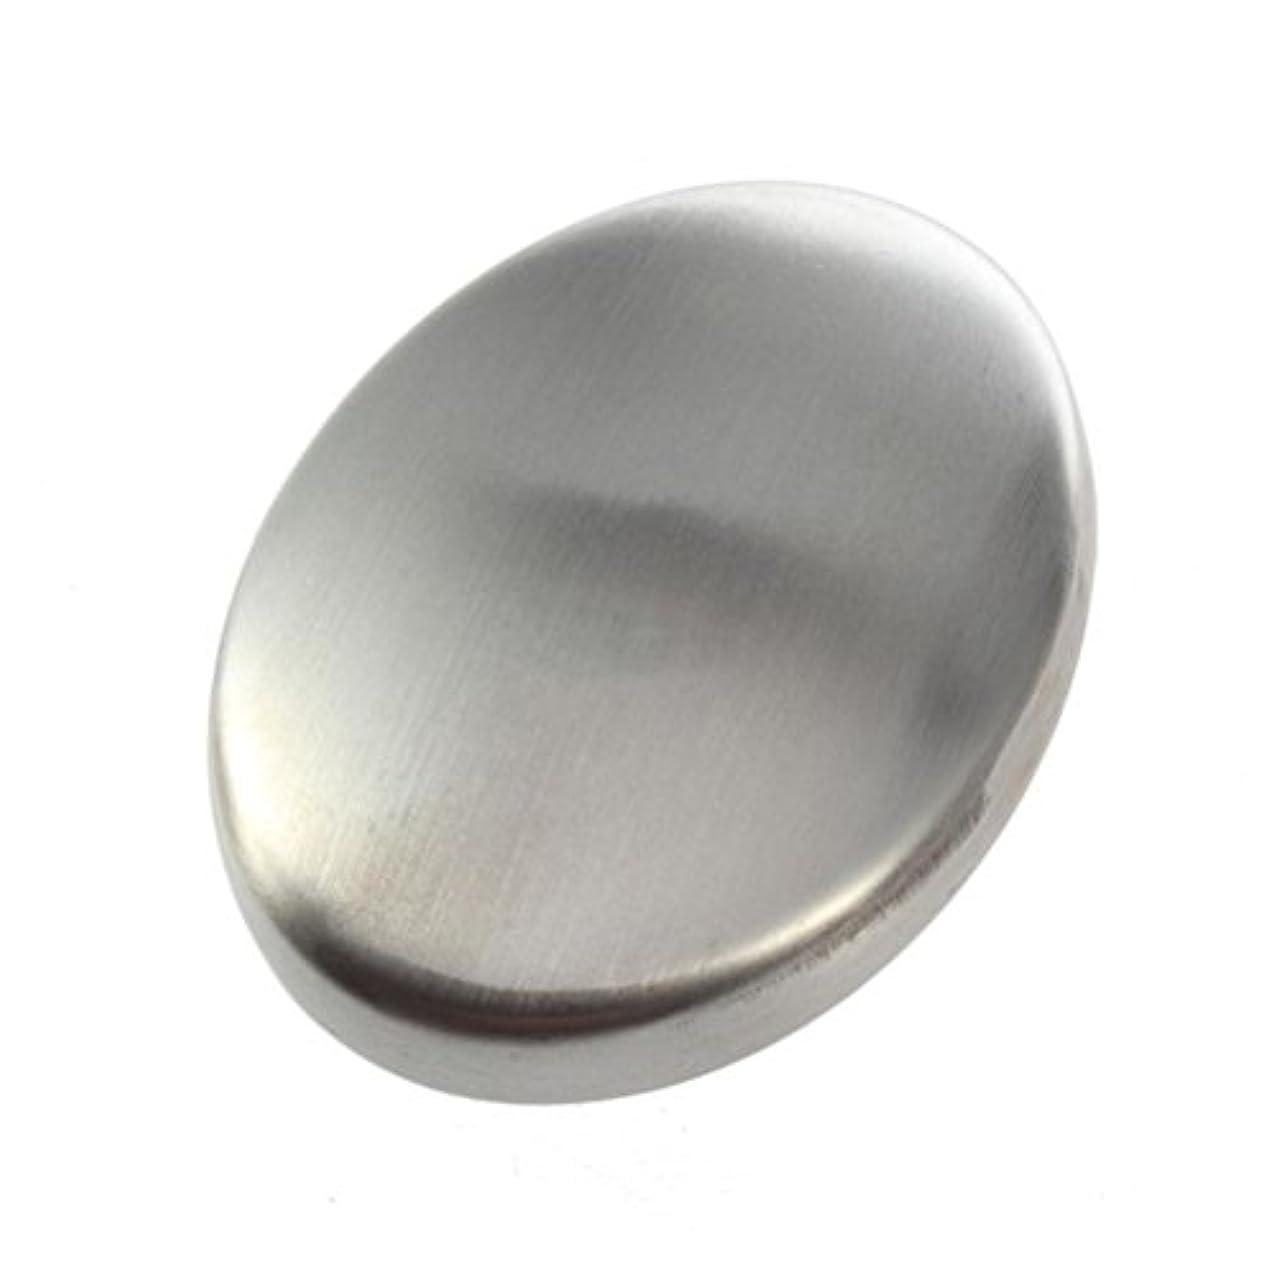 ホバートディレイ加速度Flybloom ステンレス鋼の石鹸の臭気は容易な速く除去の臭いの台所棒楕円形の石鹸のための石鹸を取除きます